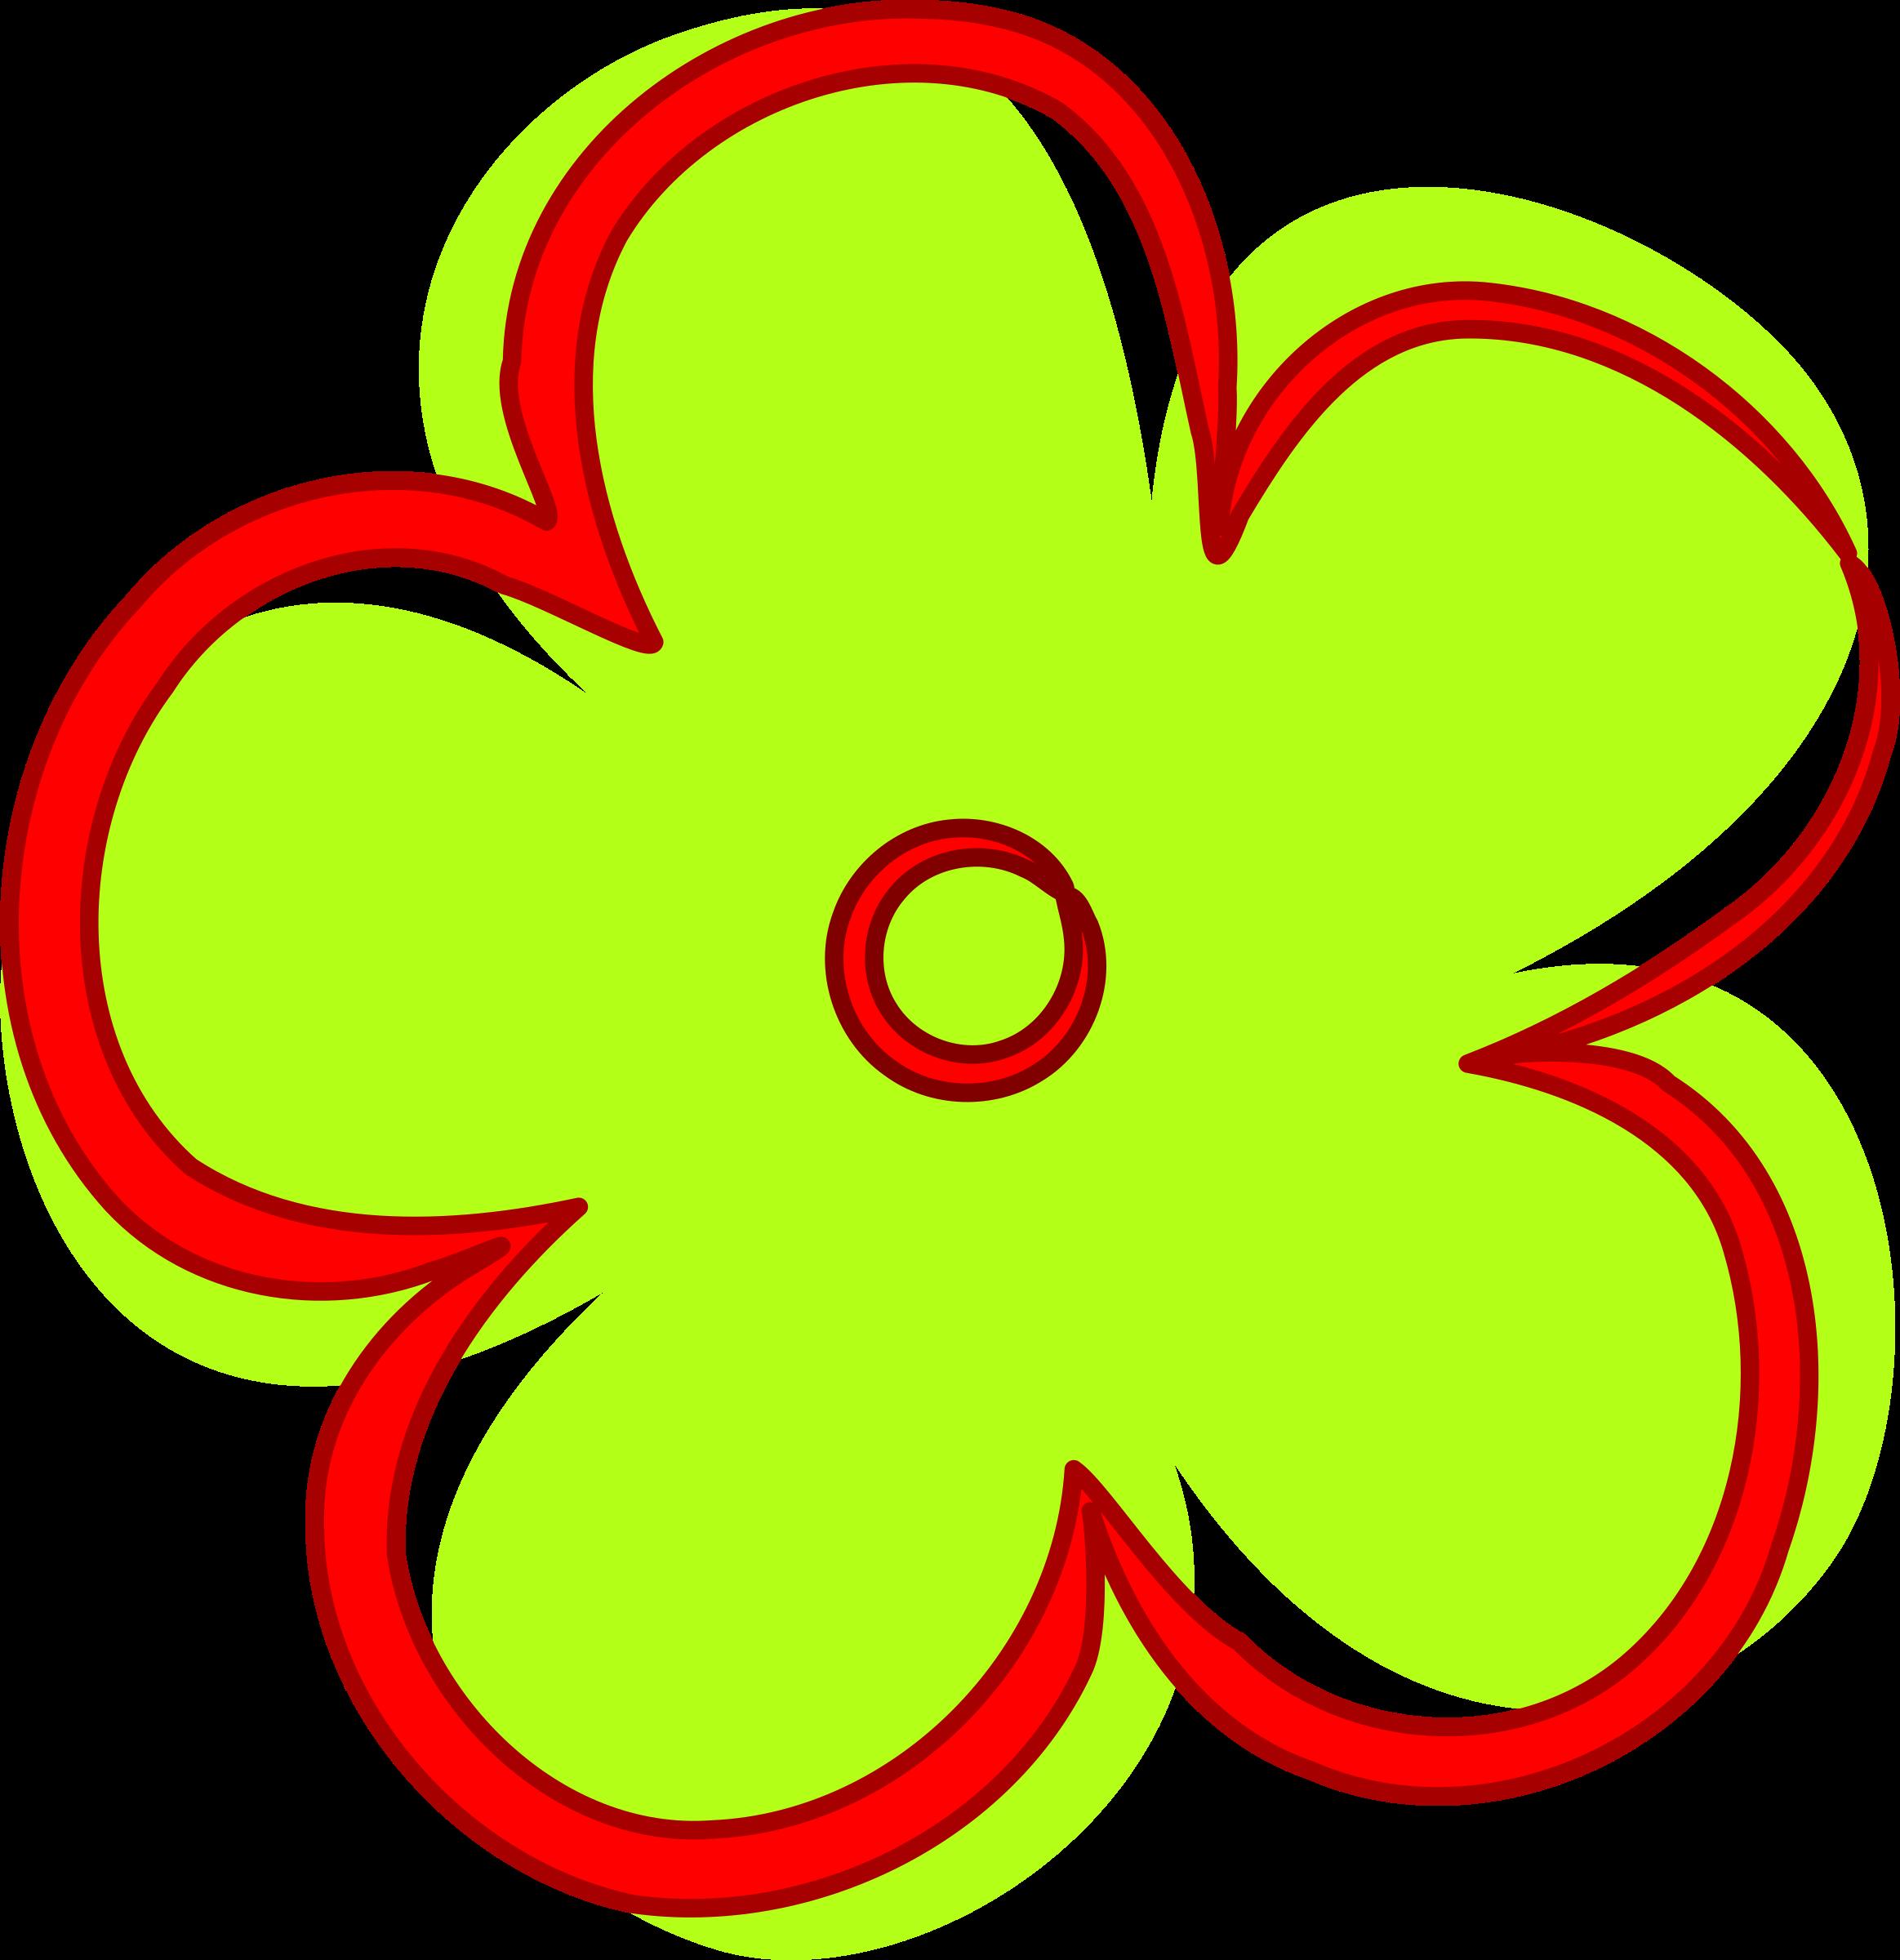 Fleur big image png. Clipart april flowers